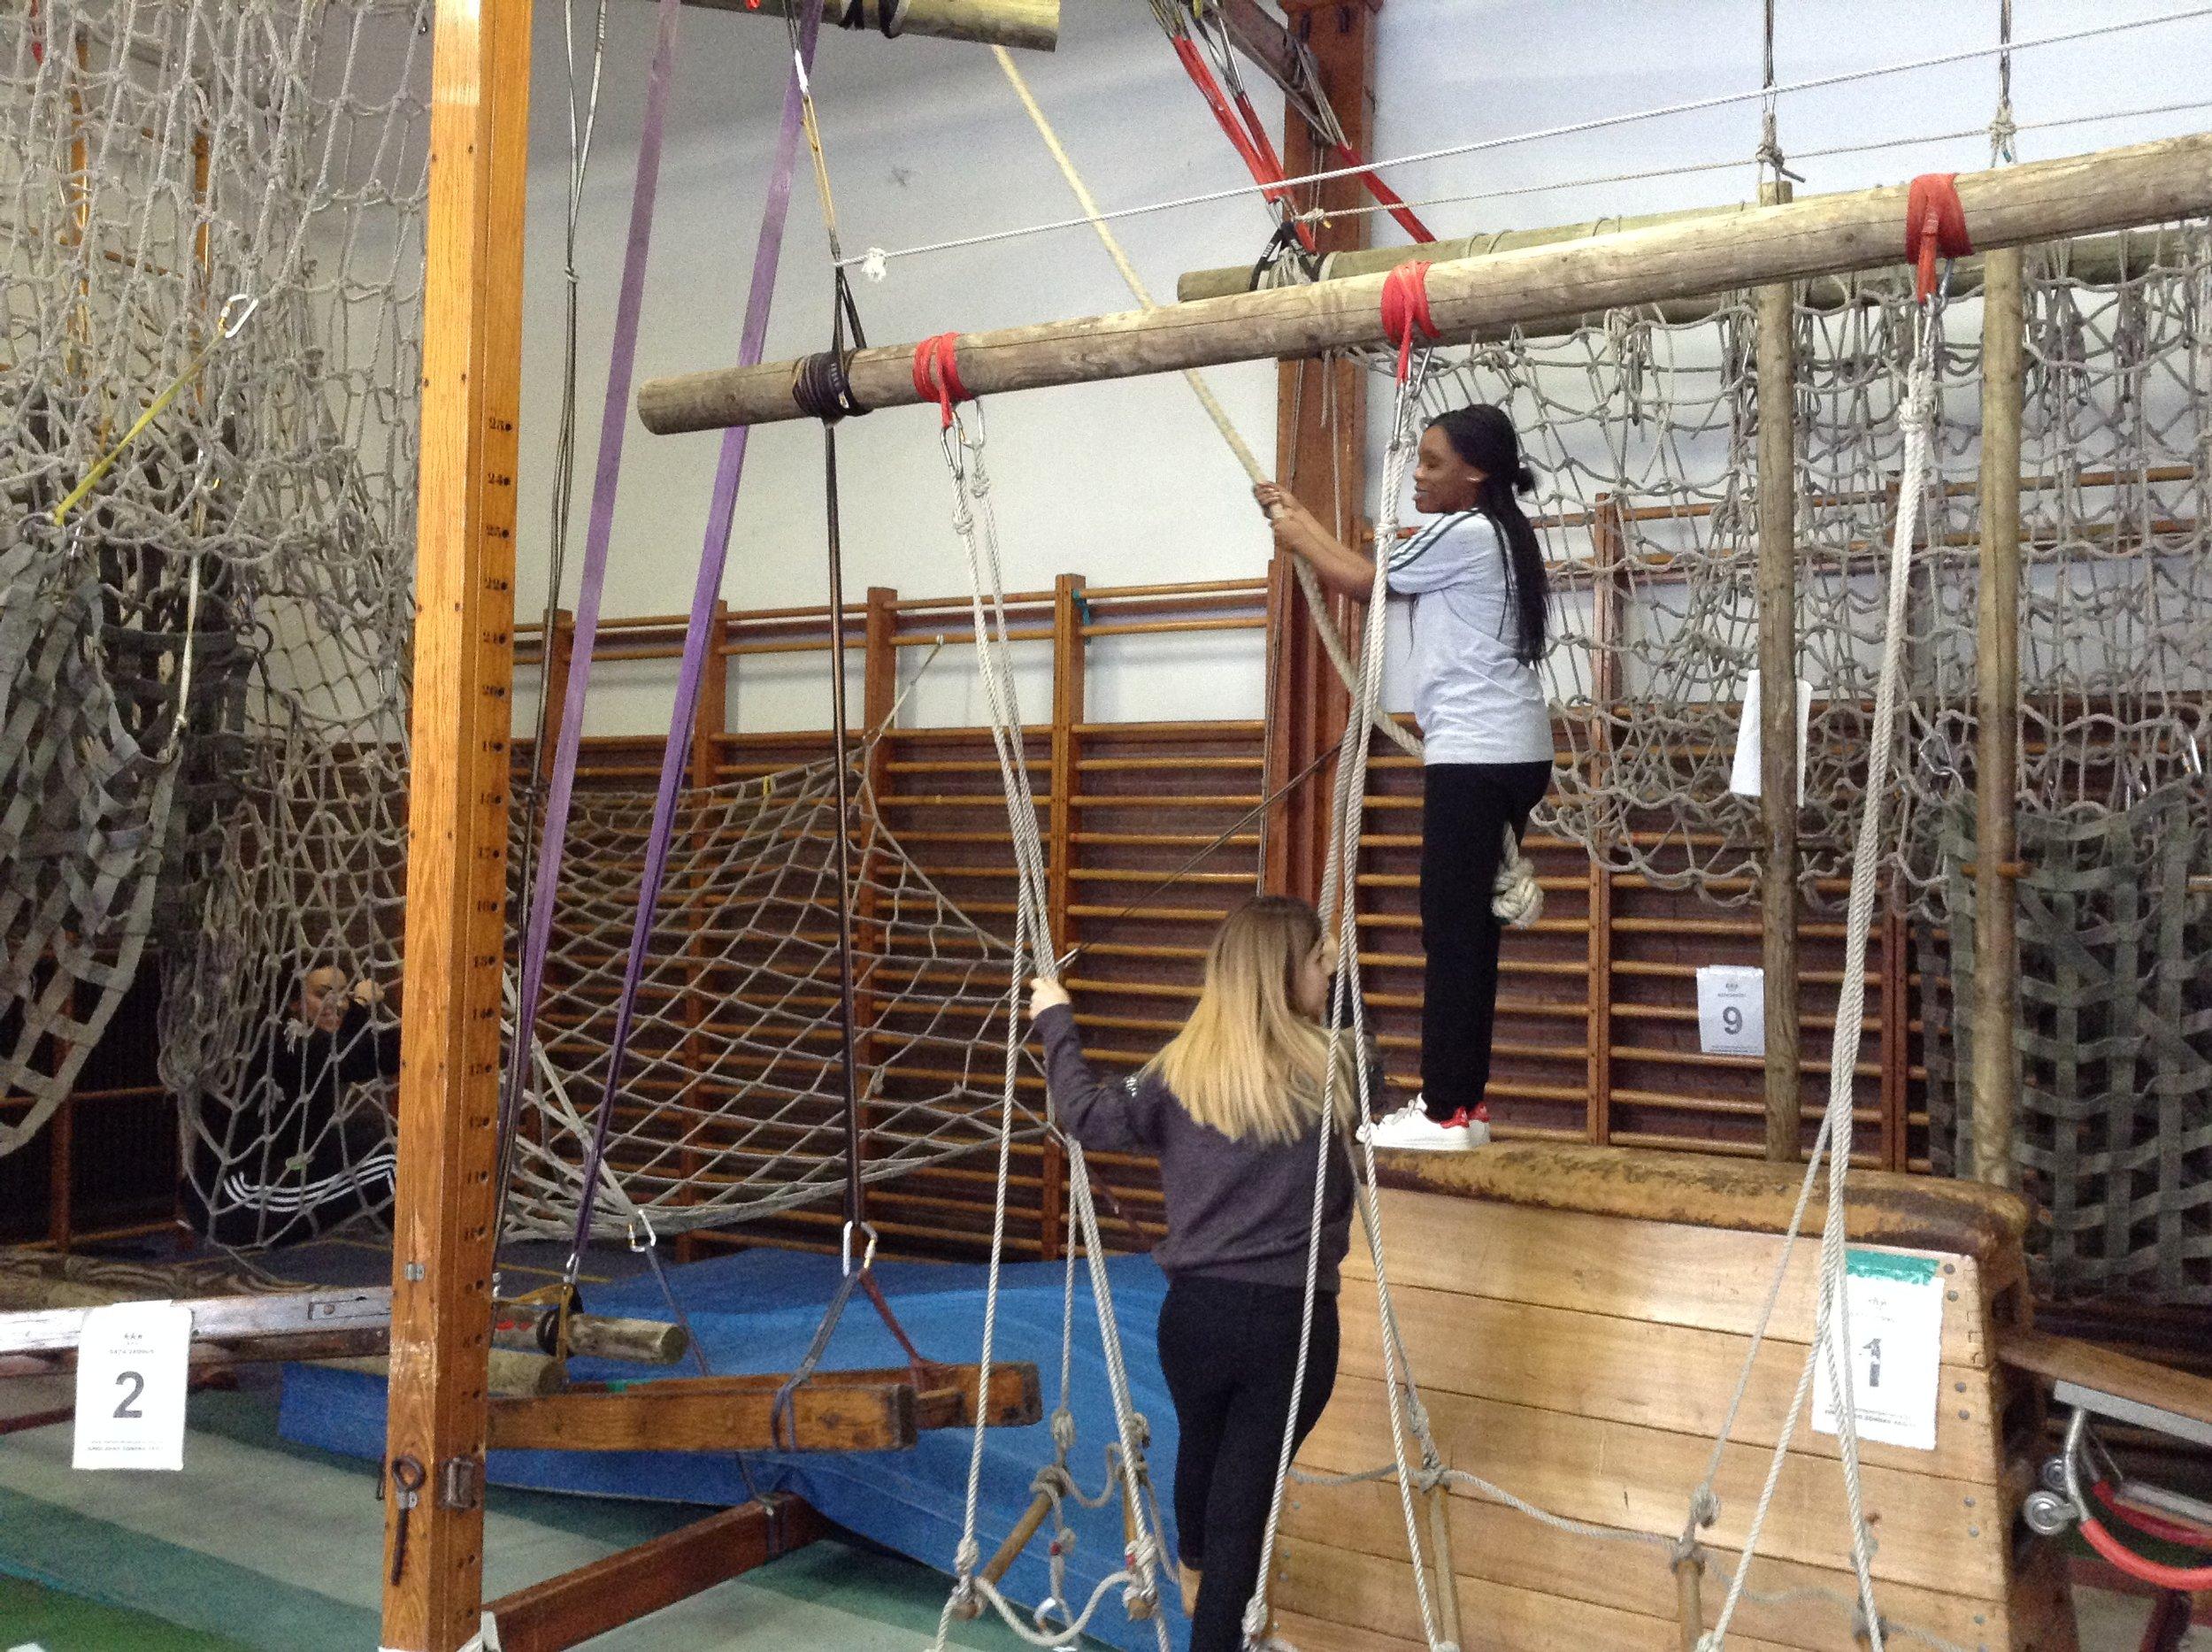 Tarzan op school (3).jpg